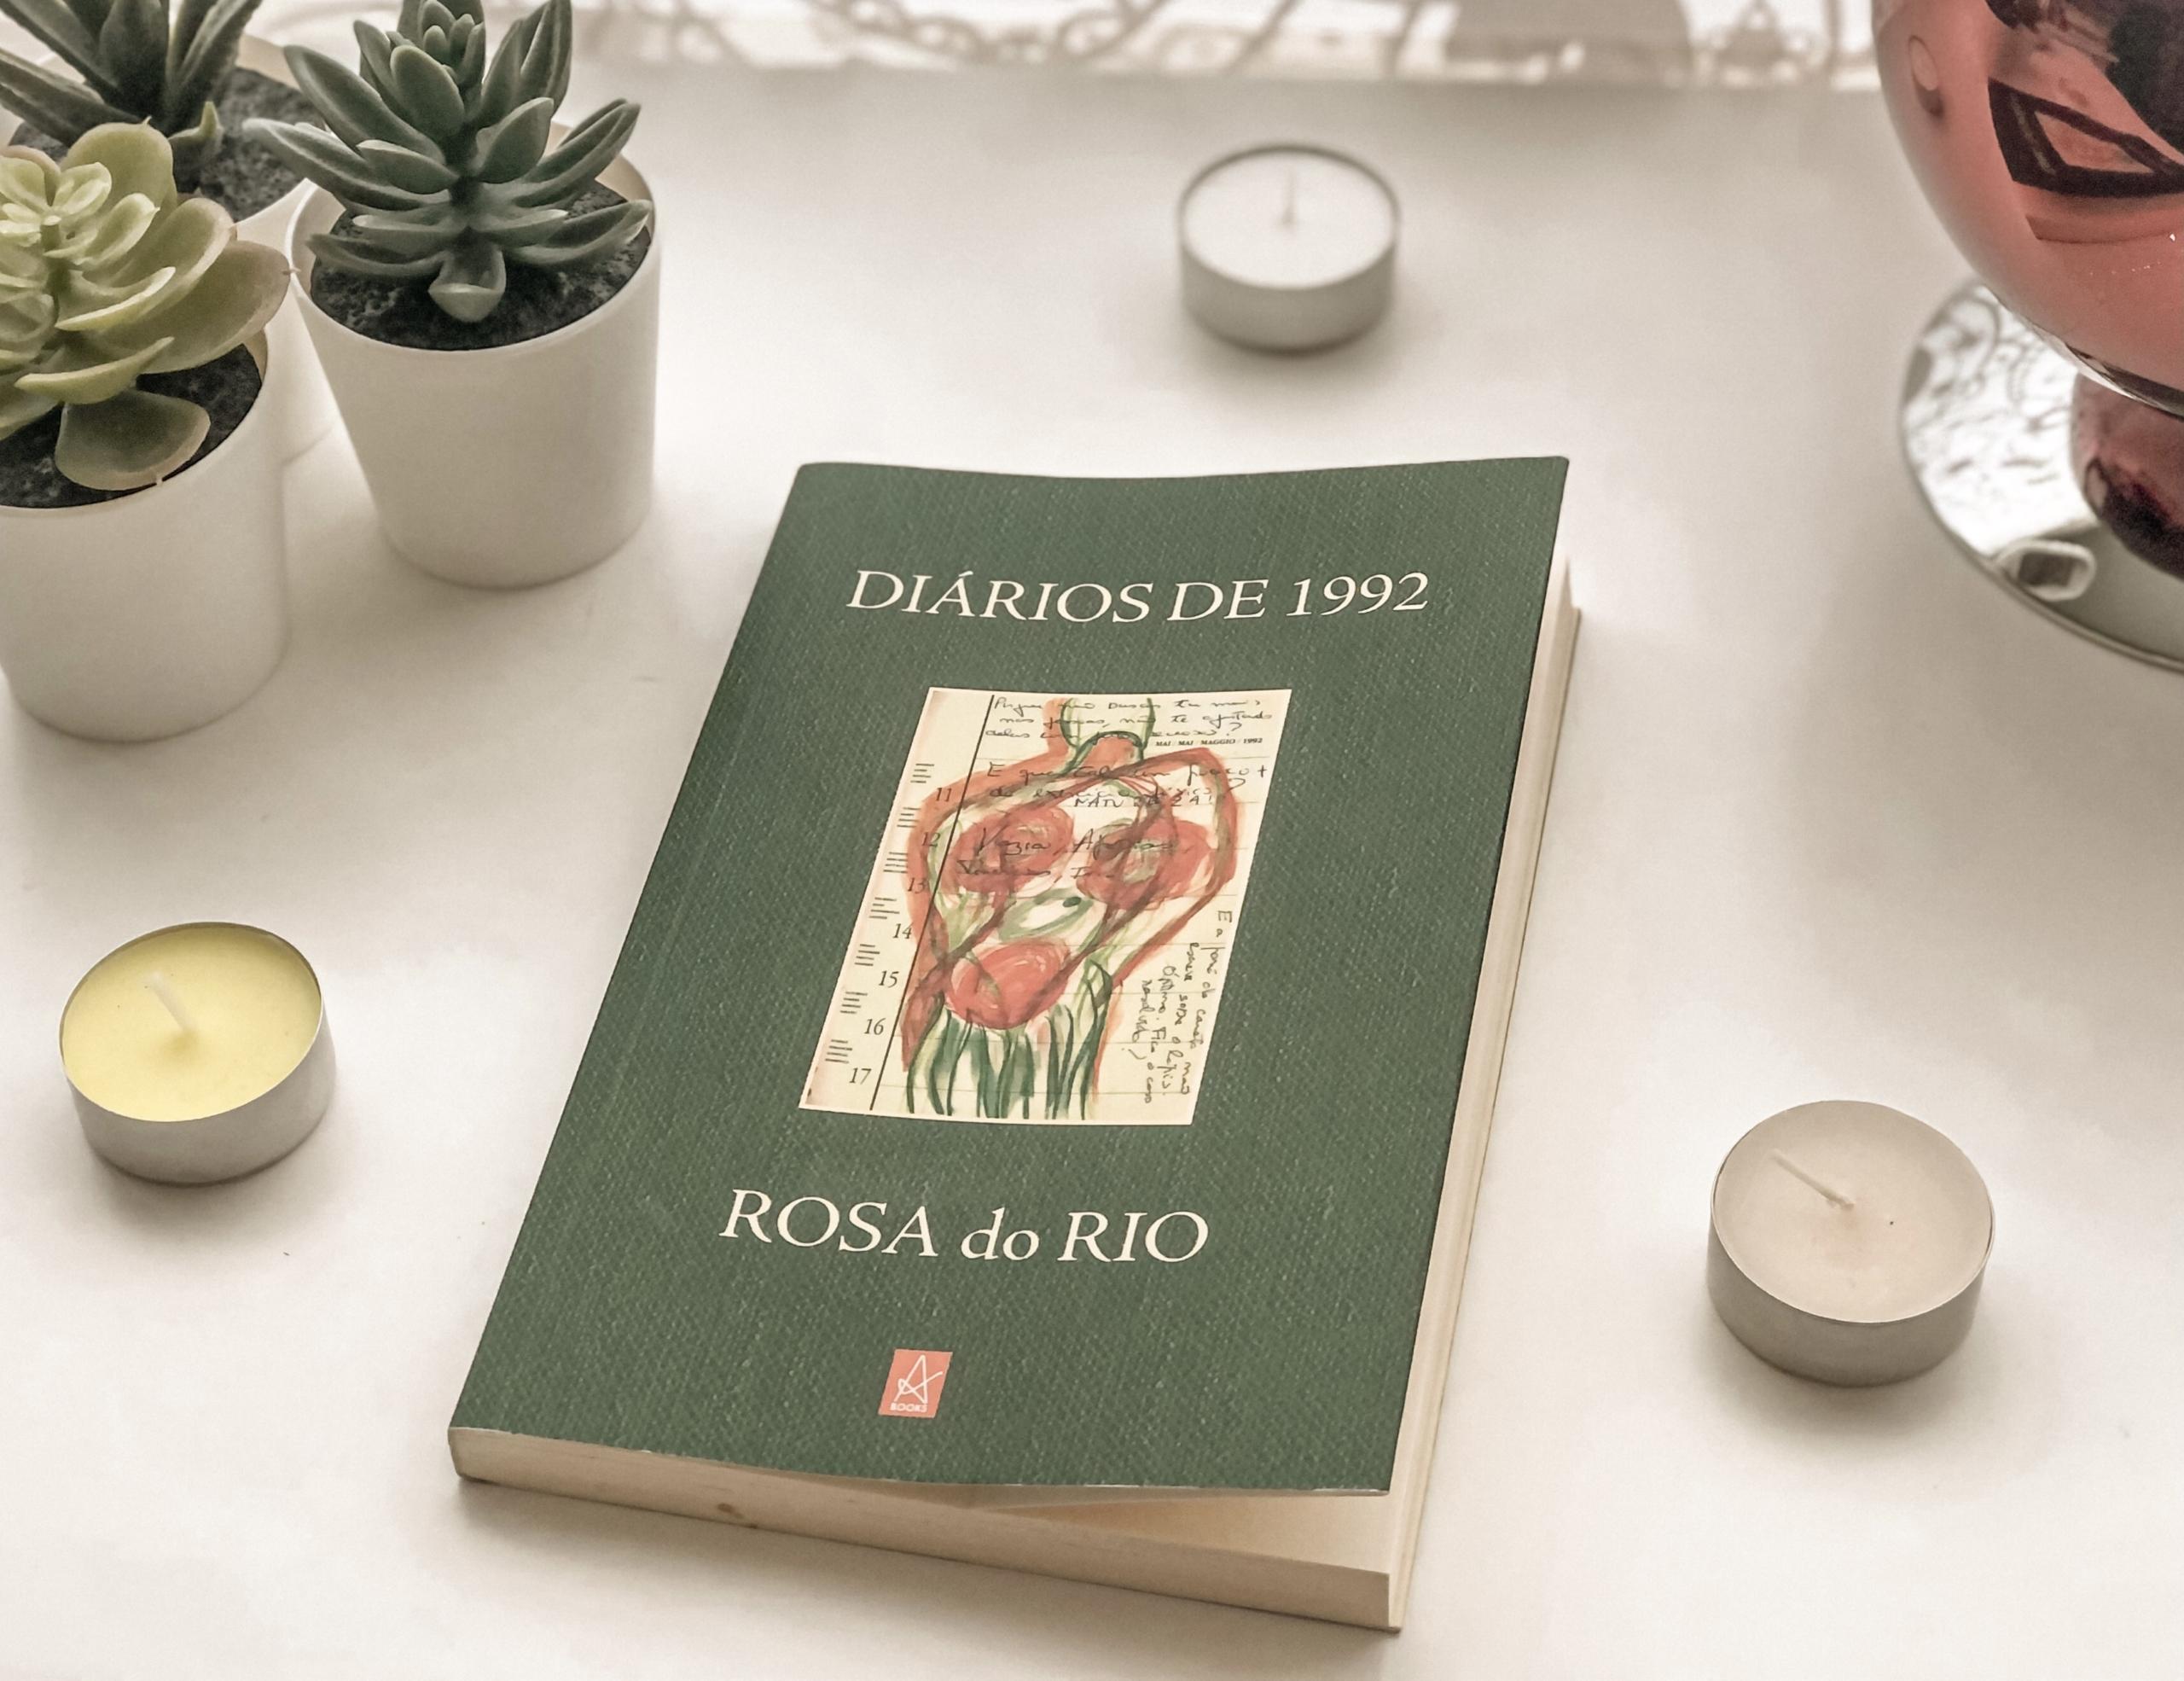 Diários de 1992 de Rosa do Rio